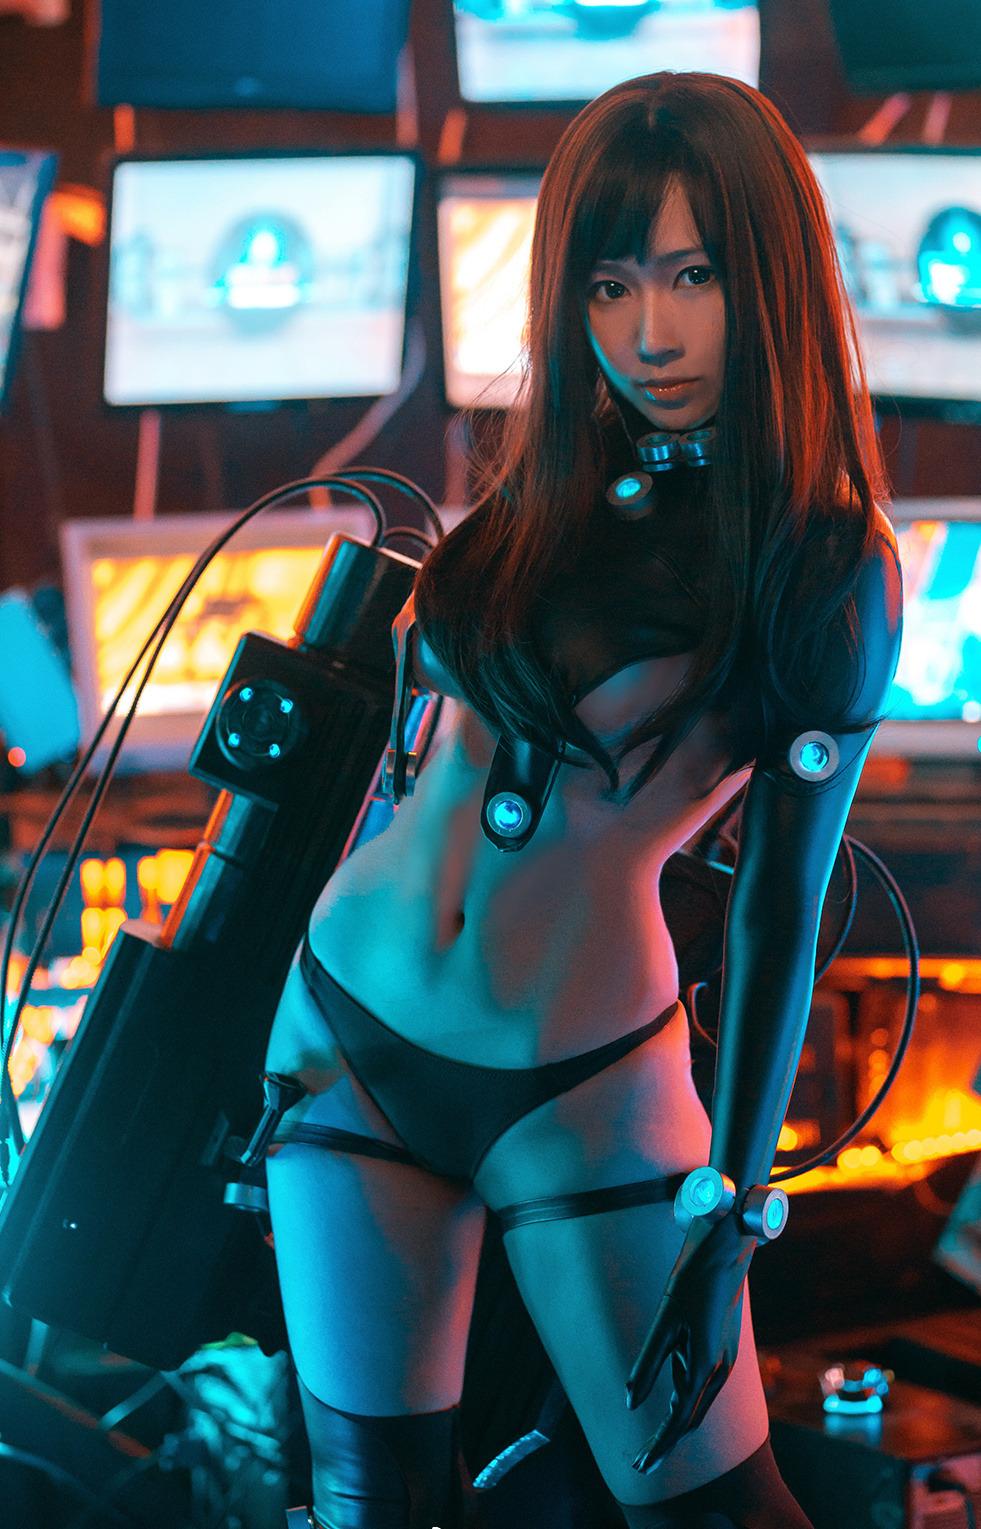 【コスプレエロ画像】GANTZのボディにぴったりなスーツがセクシー過ぎたwww(33枚)